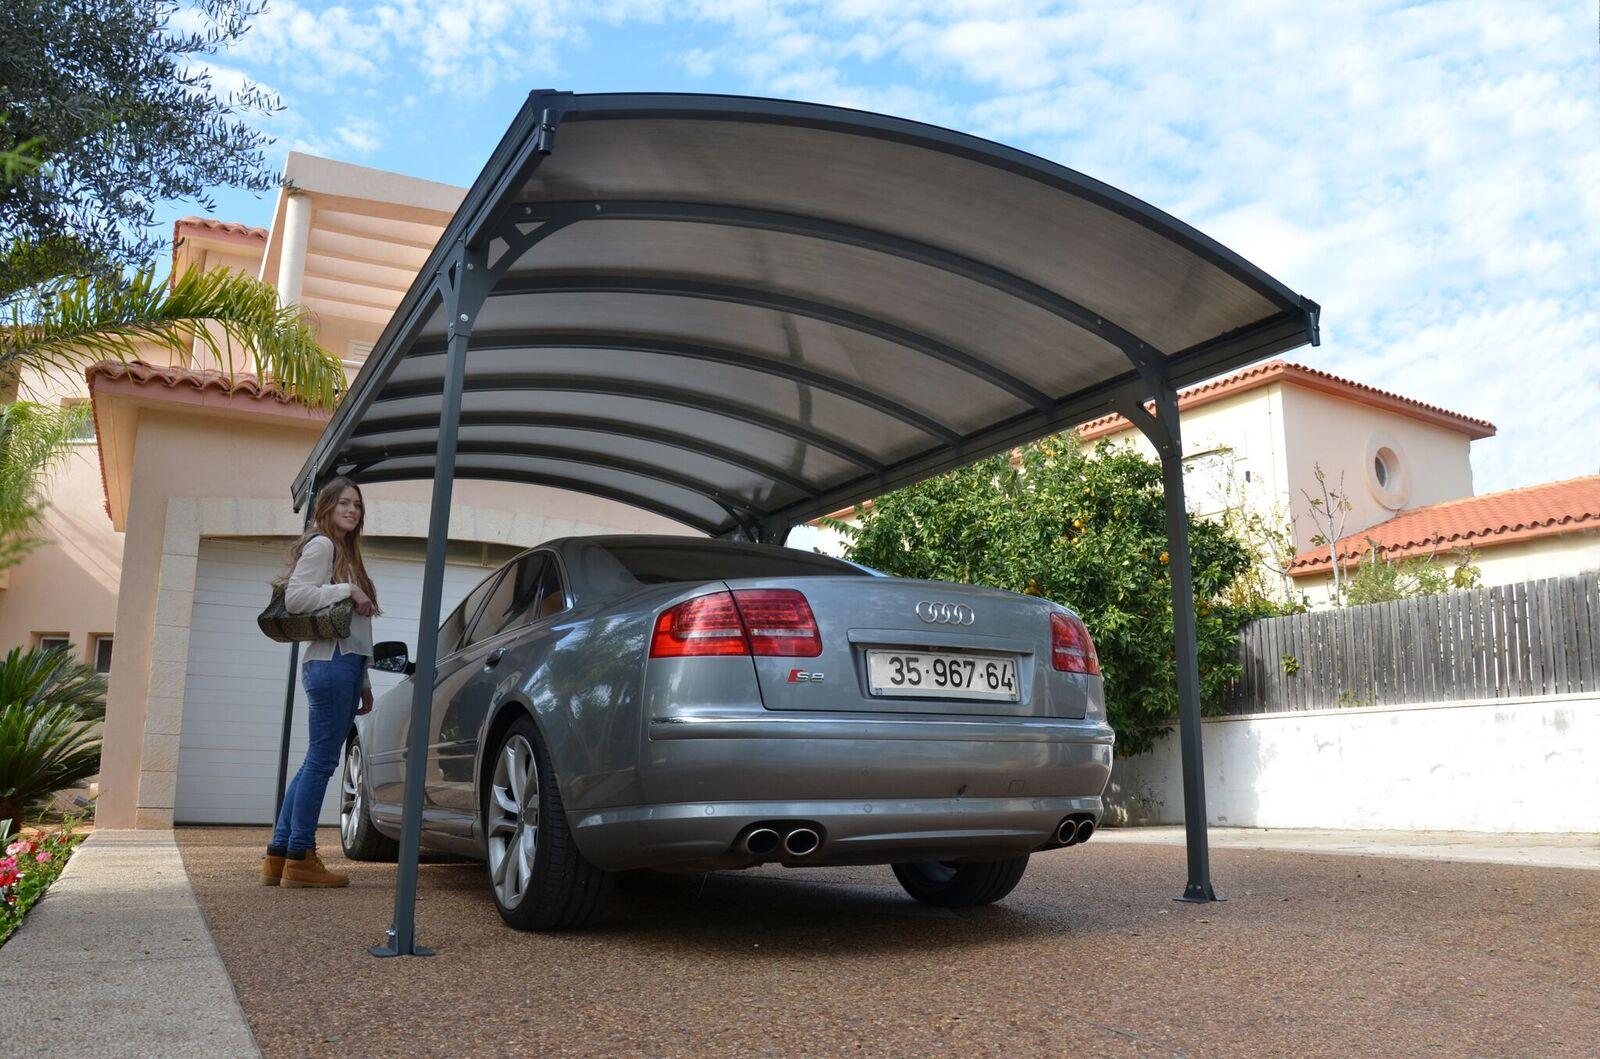 דגם ונסה- קירוי לרכב בהרכבה עצמית DIY